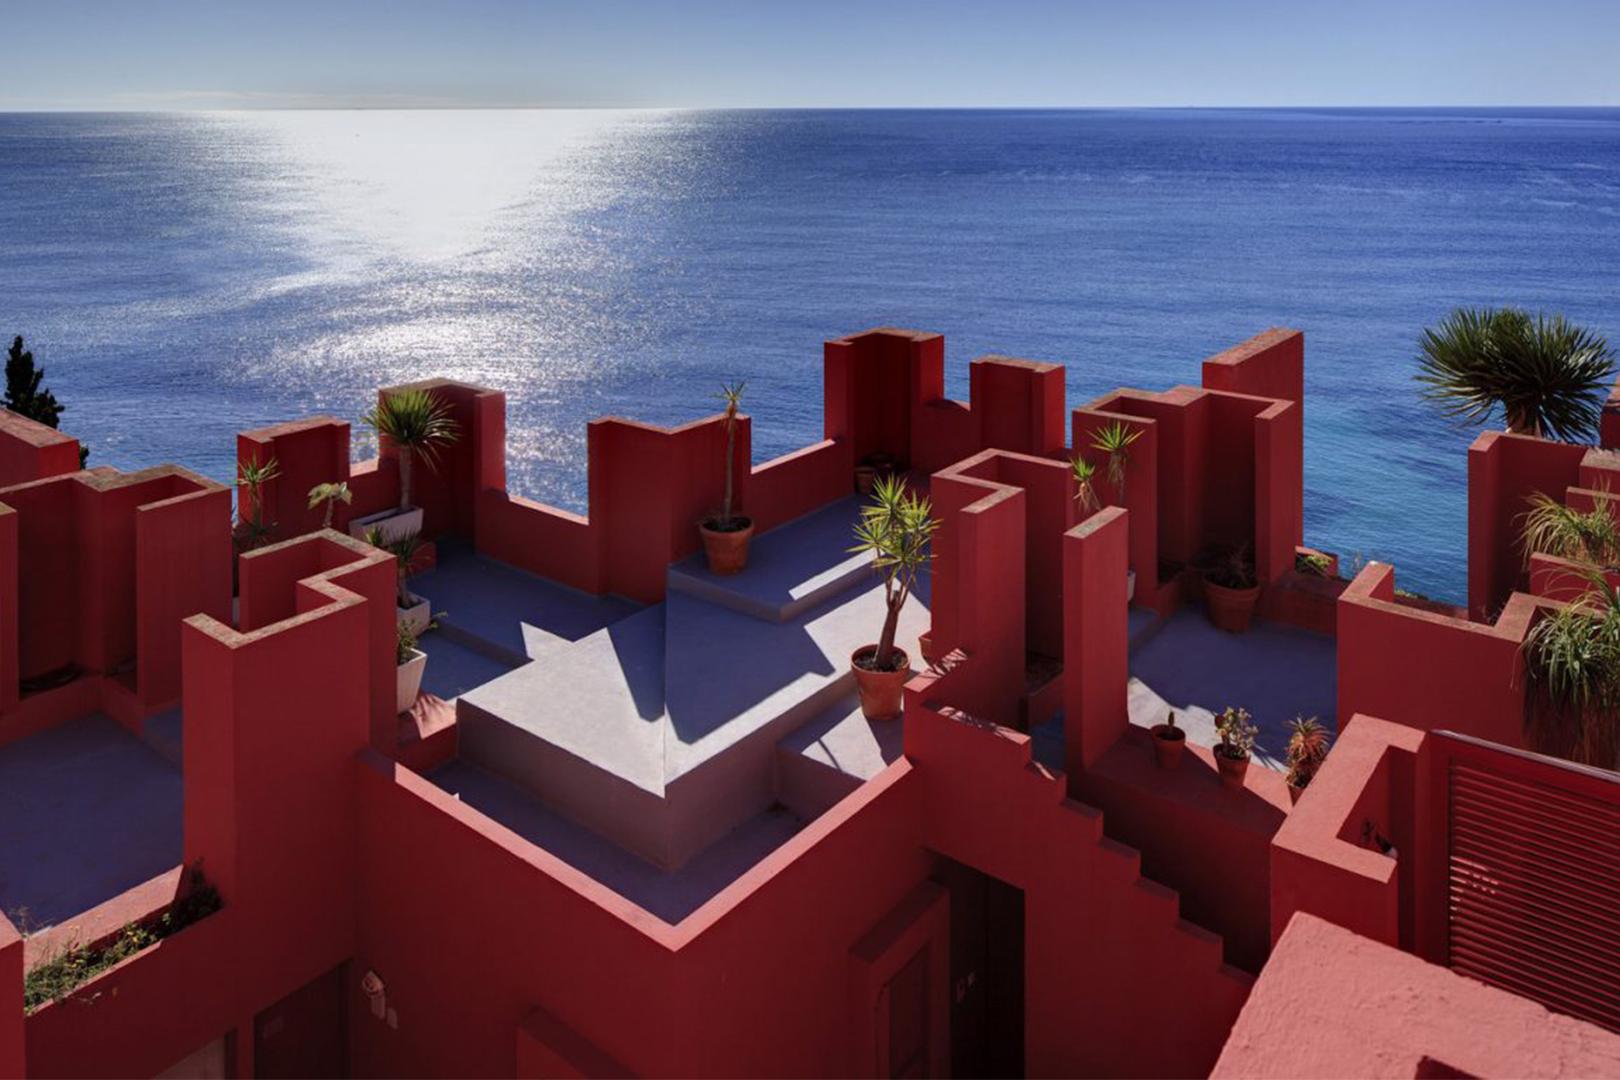 《魷魚遊戲》迷宮真實版地標:西班牙 La Muralla Roja 能夠互相凝望的螺旋樓梯